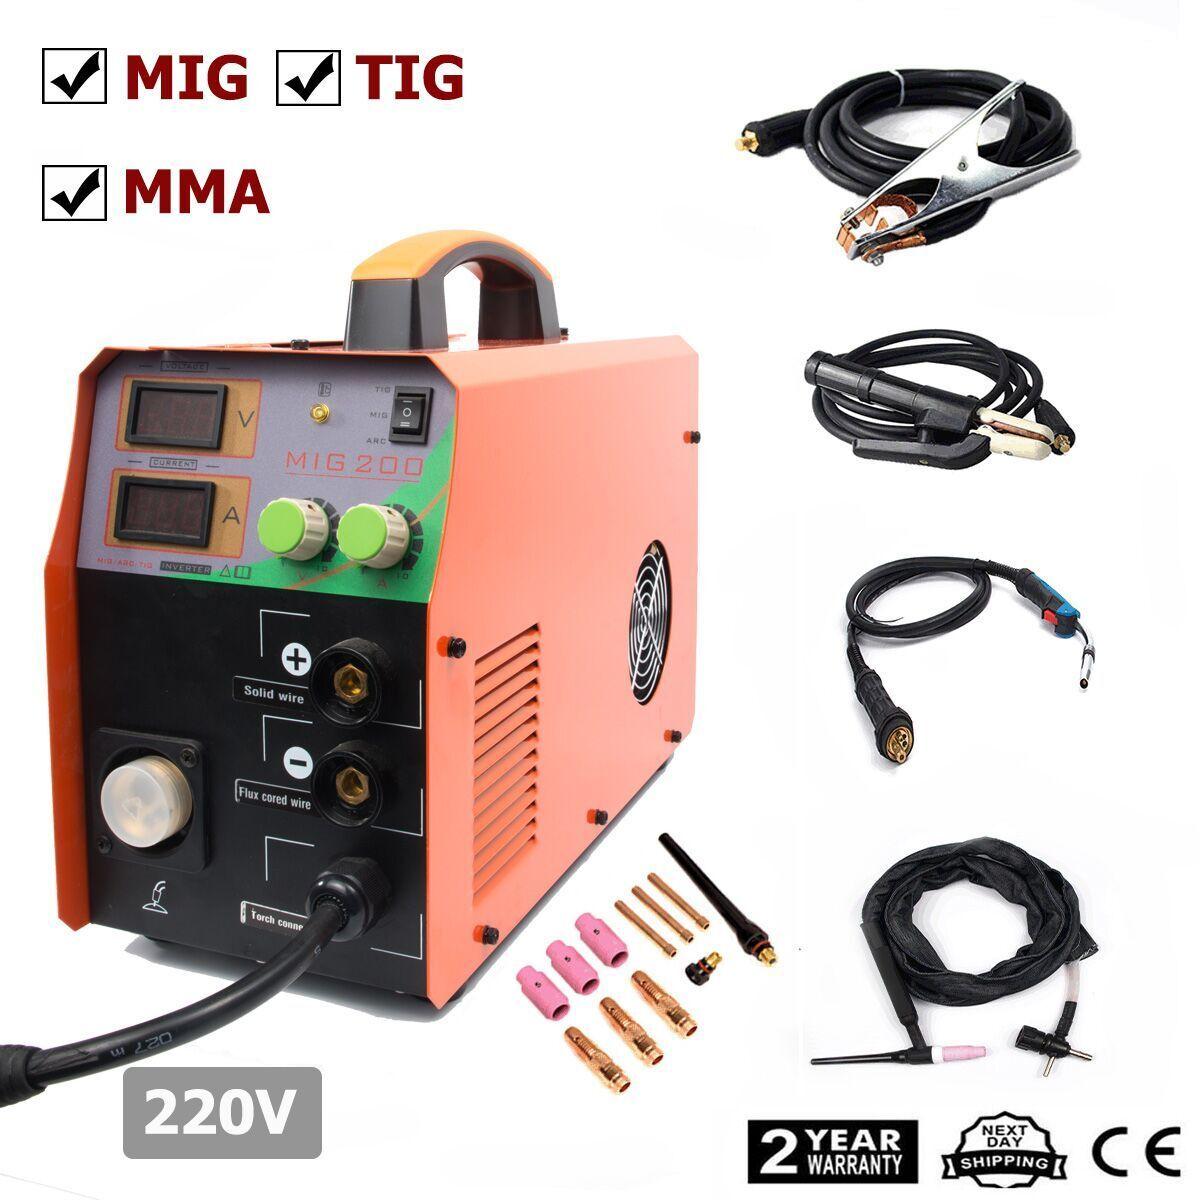 Details about MIG200 200Amp welder Inverter Mig Welding Machine Stick MMA &  TIG 3in1 &torch